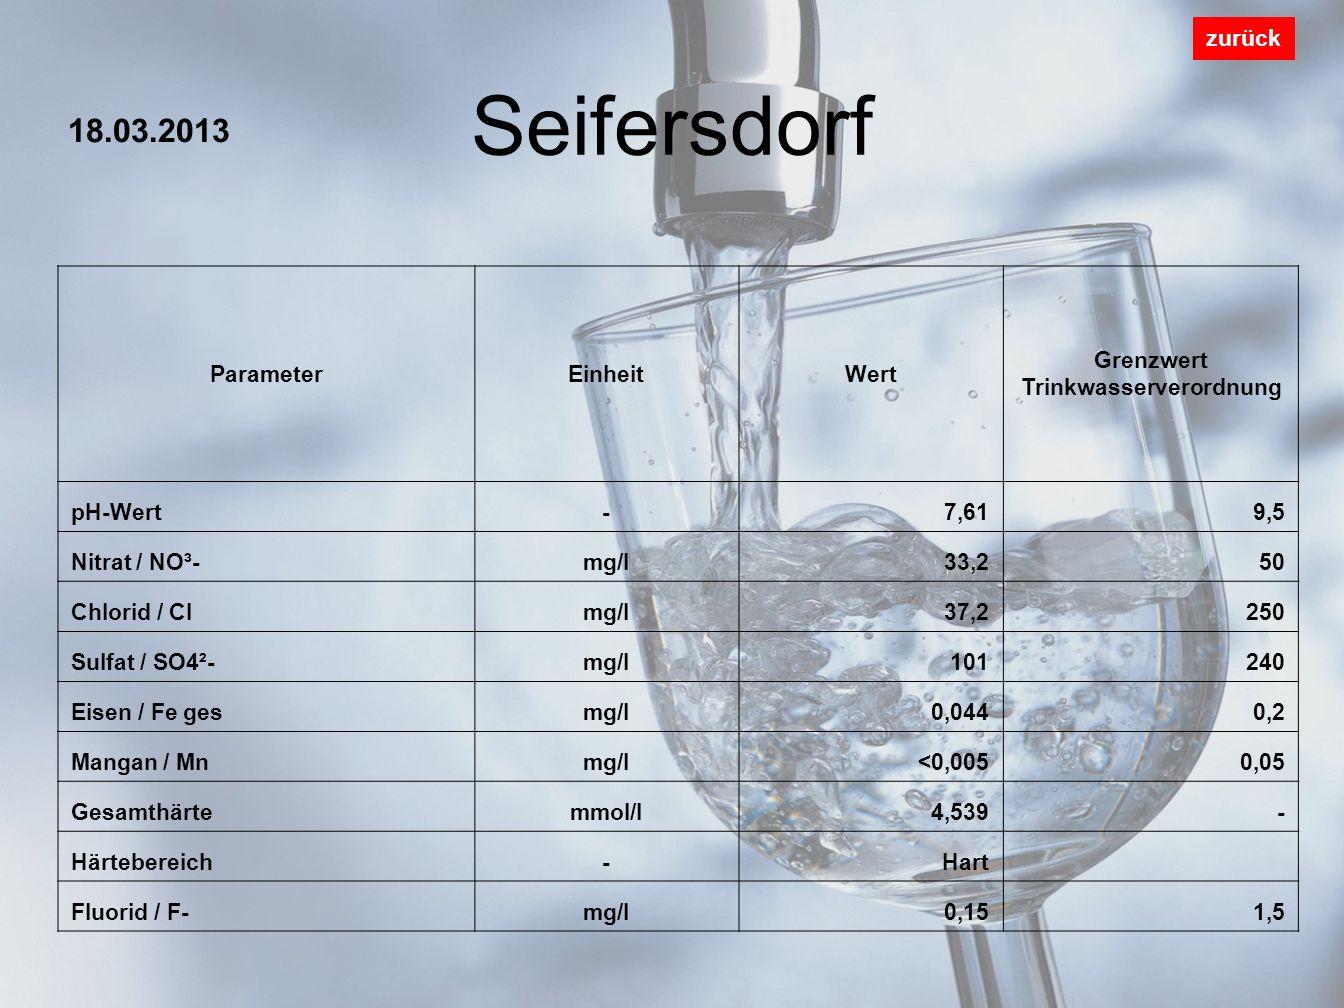 Seifersdorf zurück ParameterEinheitWert Grenzwert Trinkwasserverordnung pH-Wert-7,619,5 Nitrat / NO³-mg/l33,250 Chlorid / Clmg/l37,2250 Sulfat / SO4²-